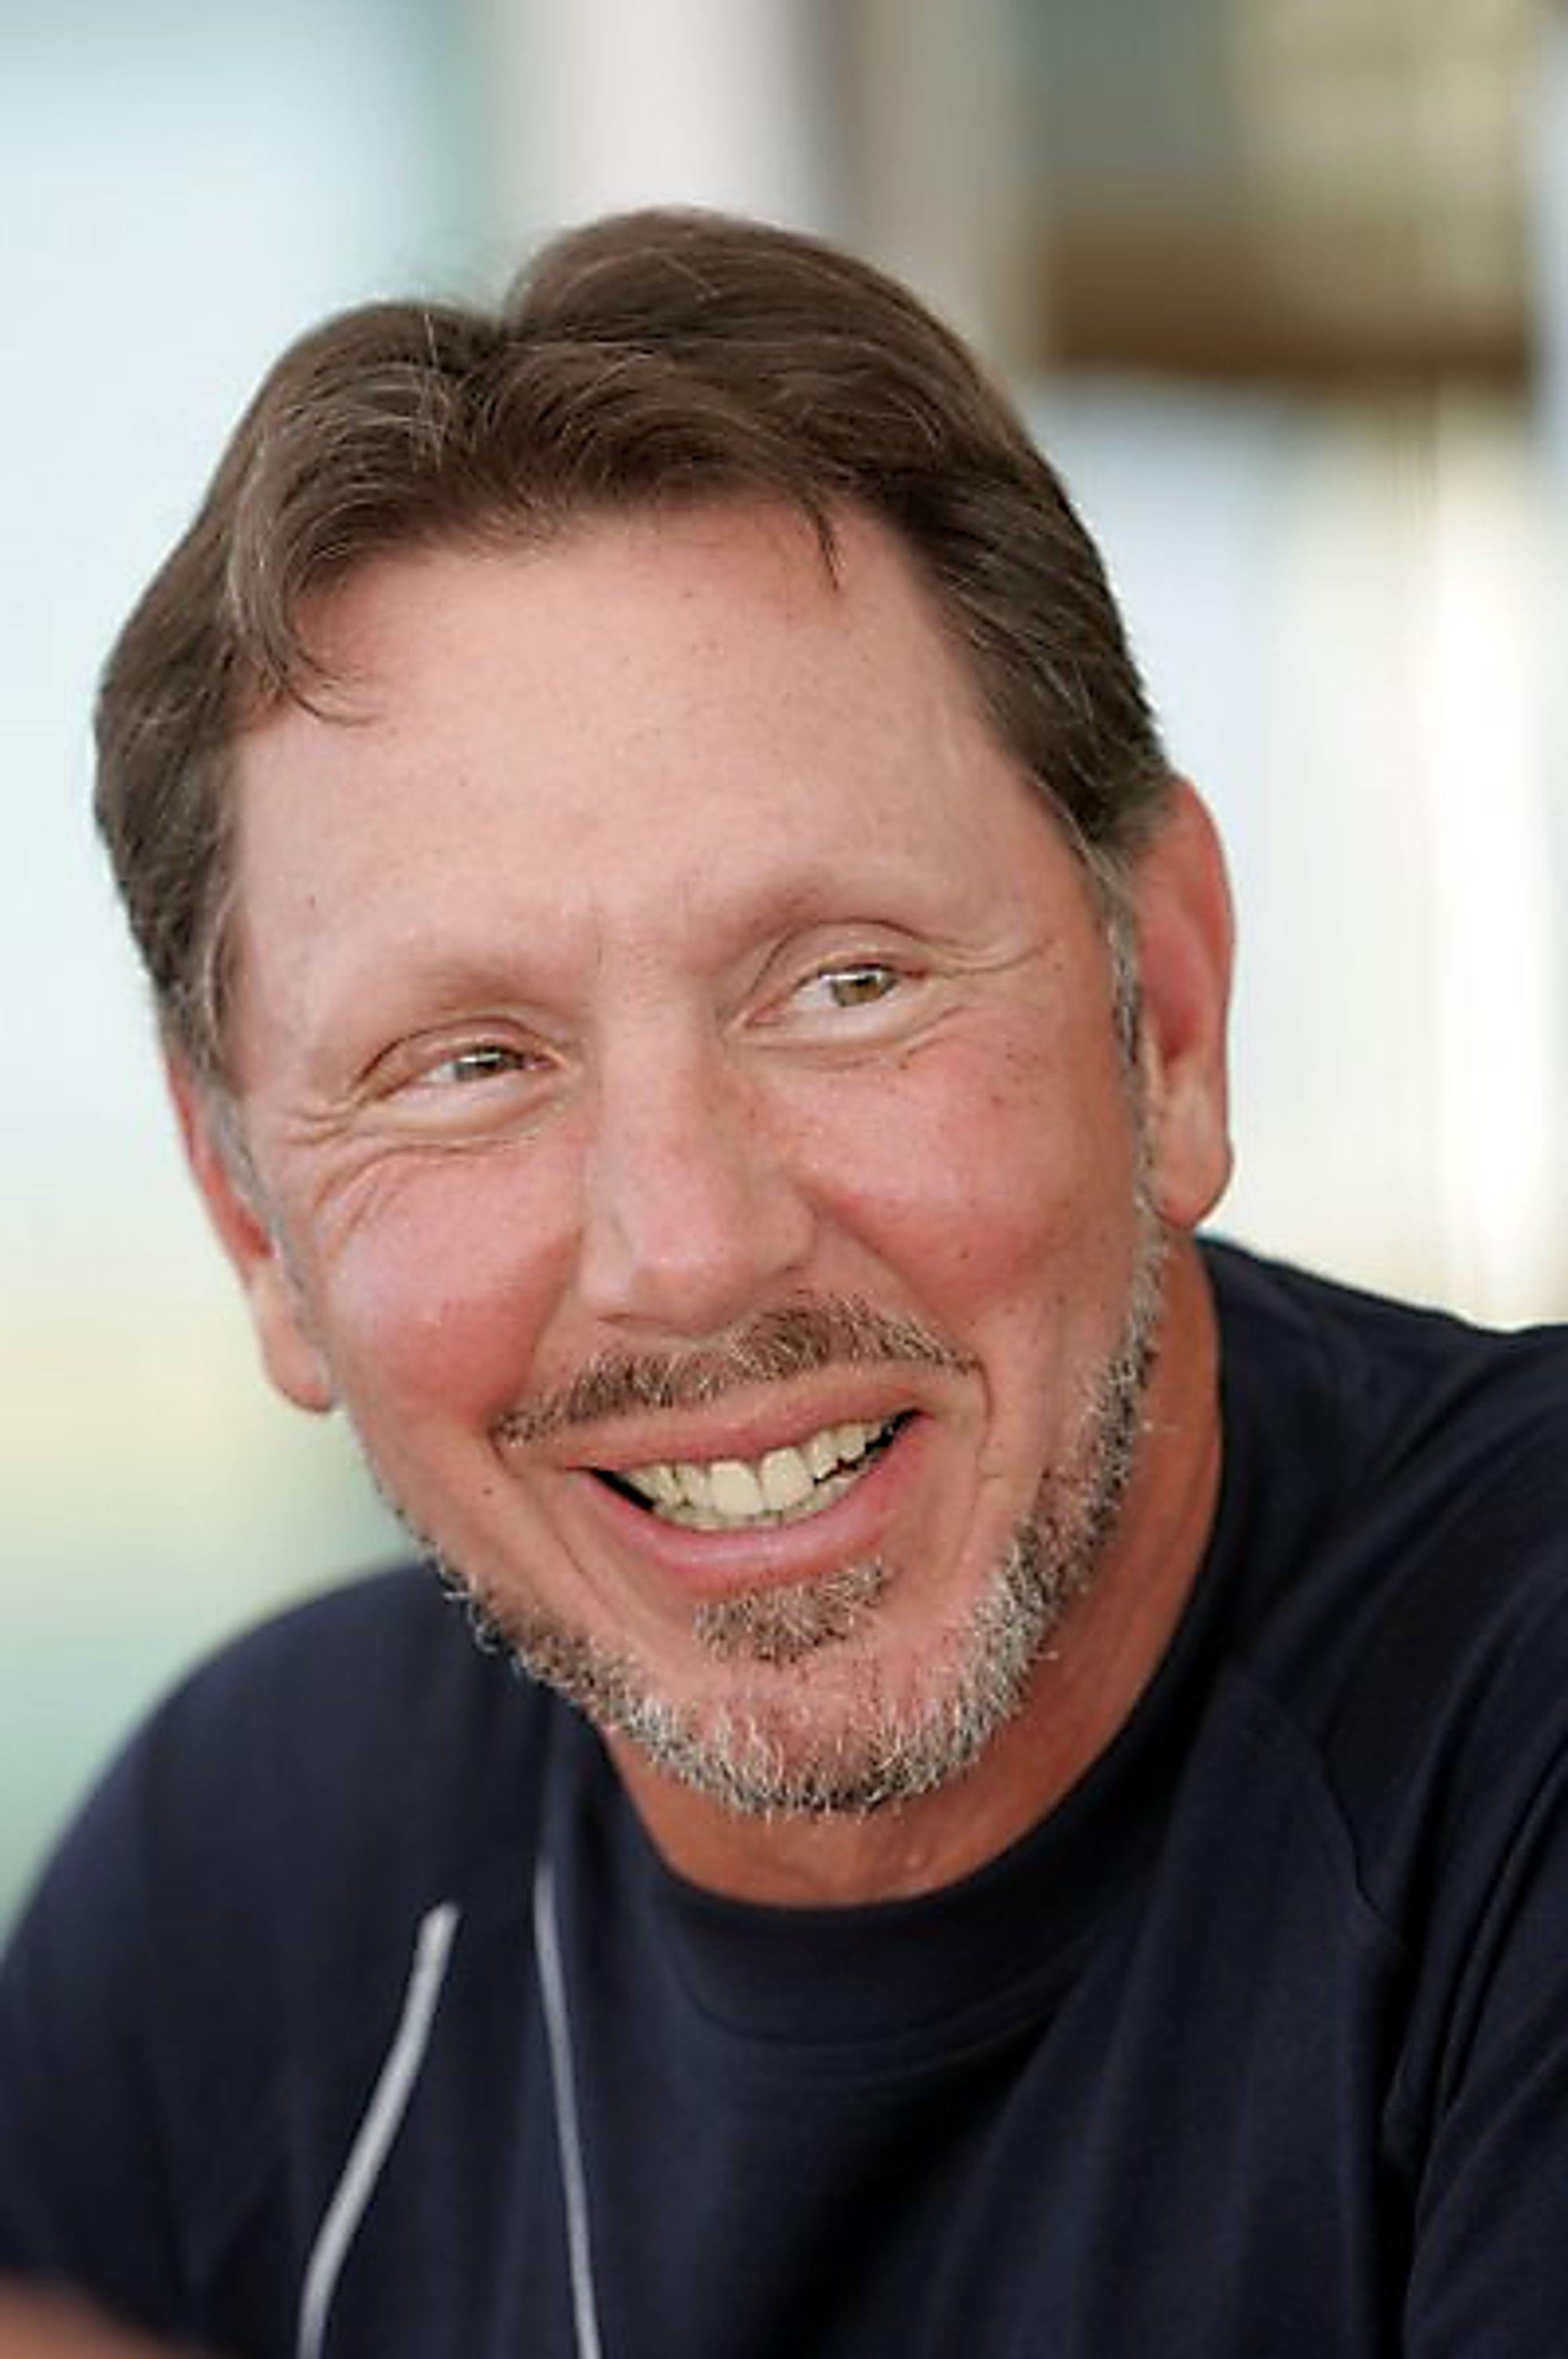 STØRRE: Oraclesjefen Larry Ellison kan smykke seg med nok en nummer en-posisjon etter kjøpet av BEA